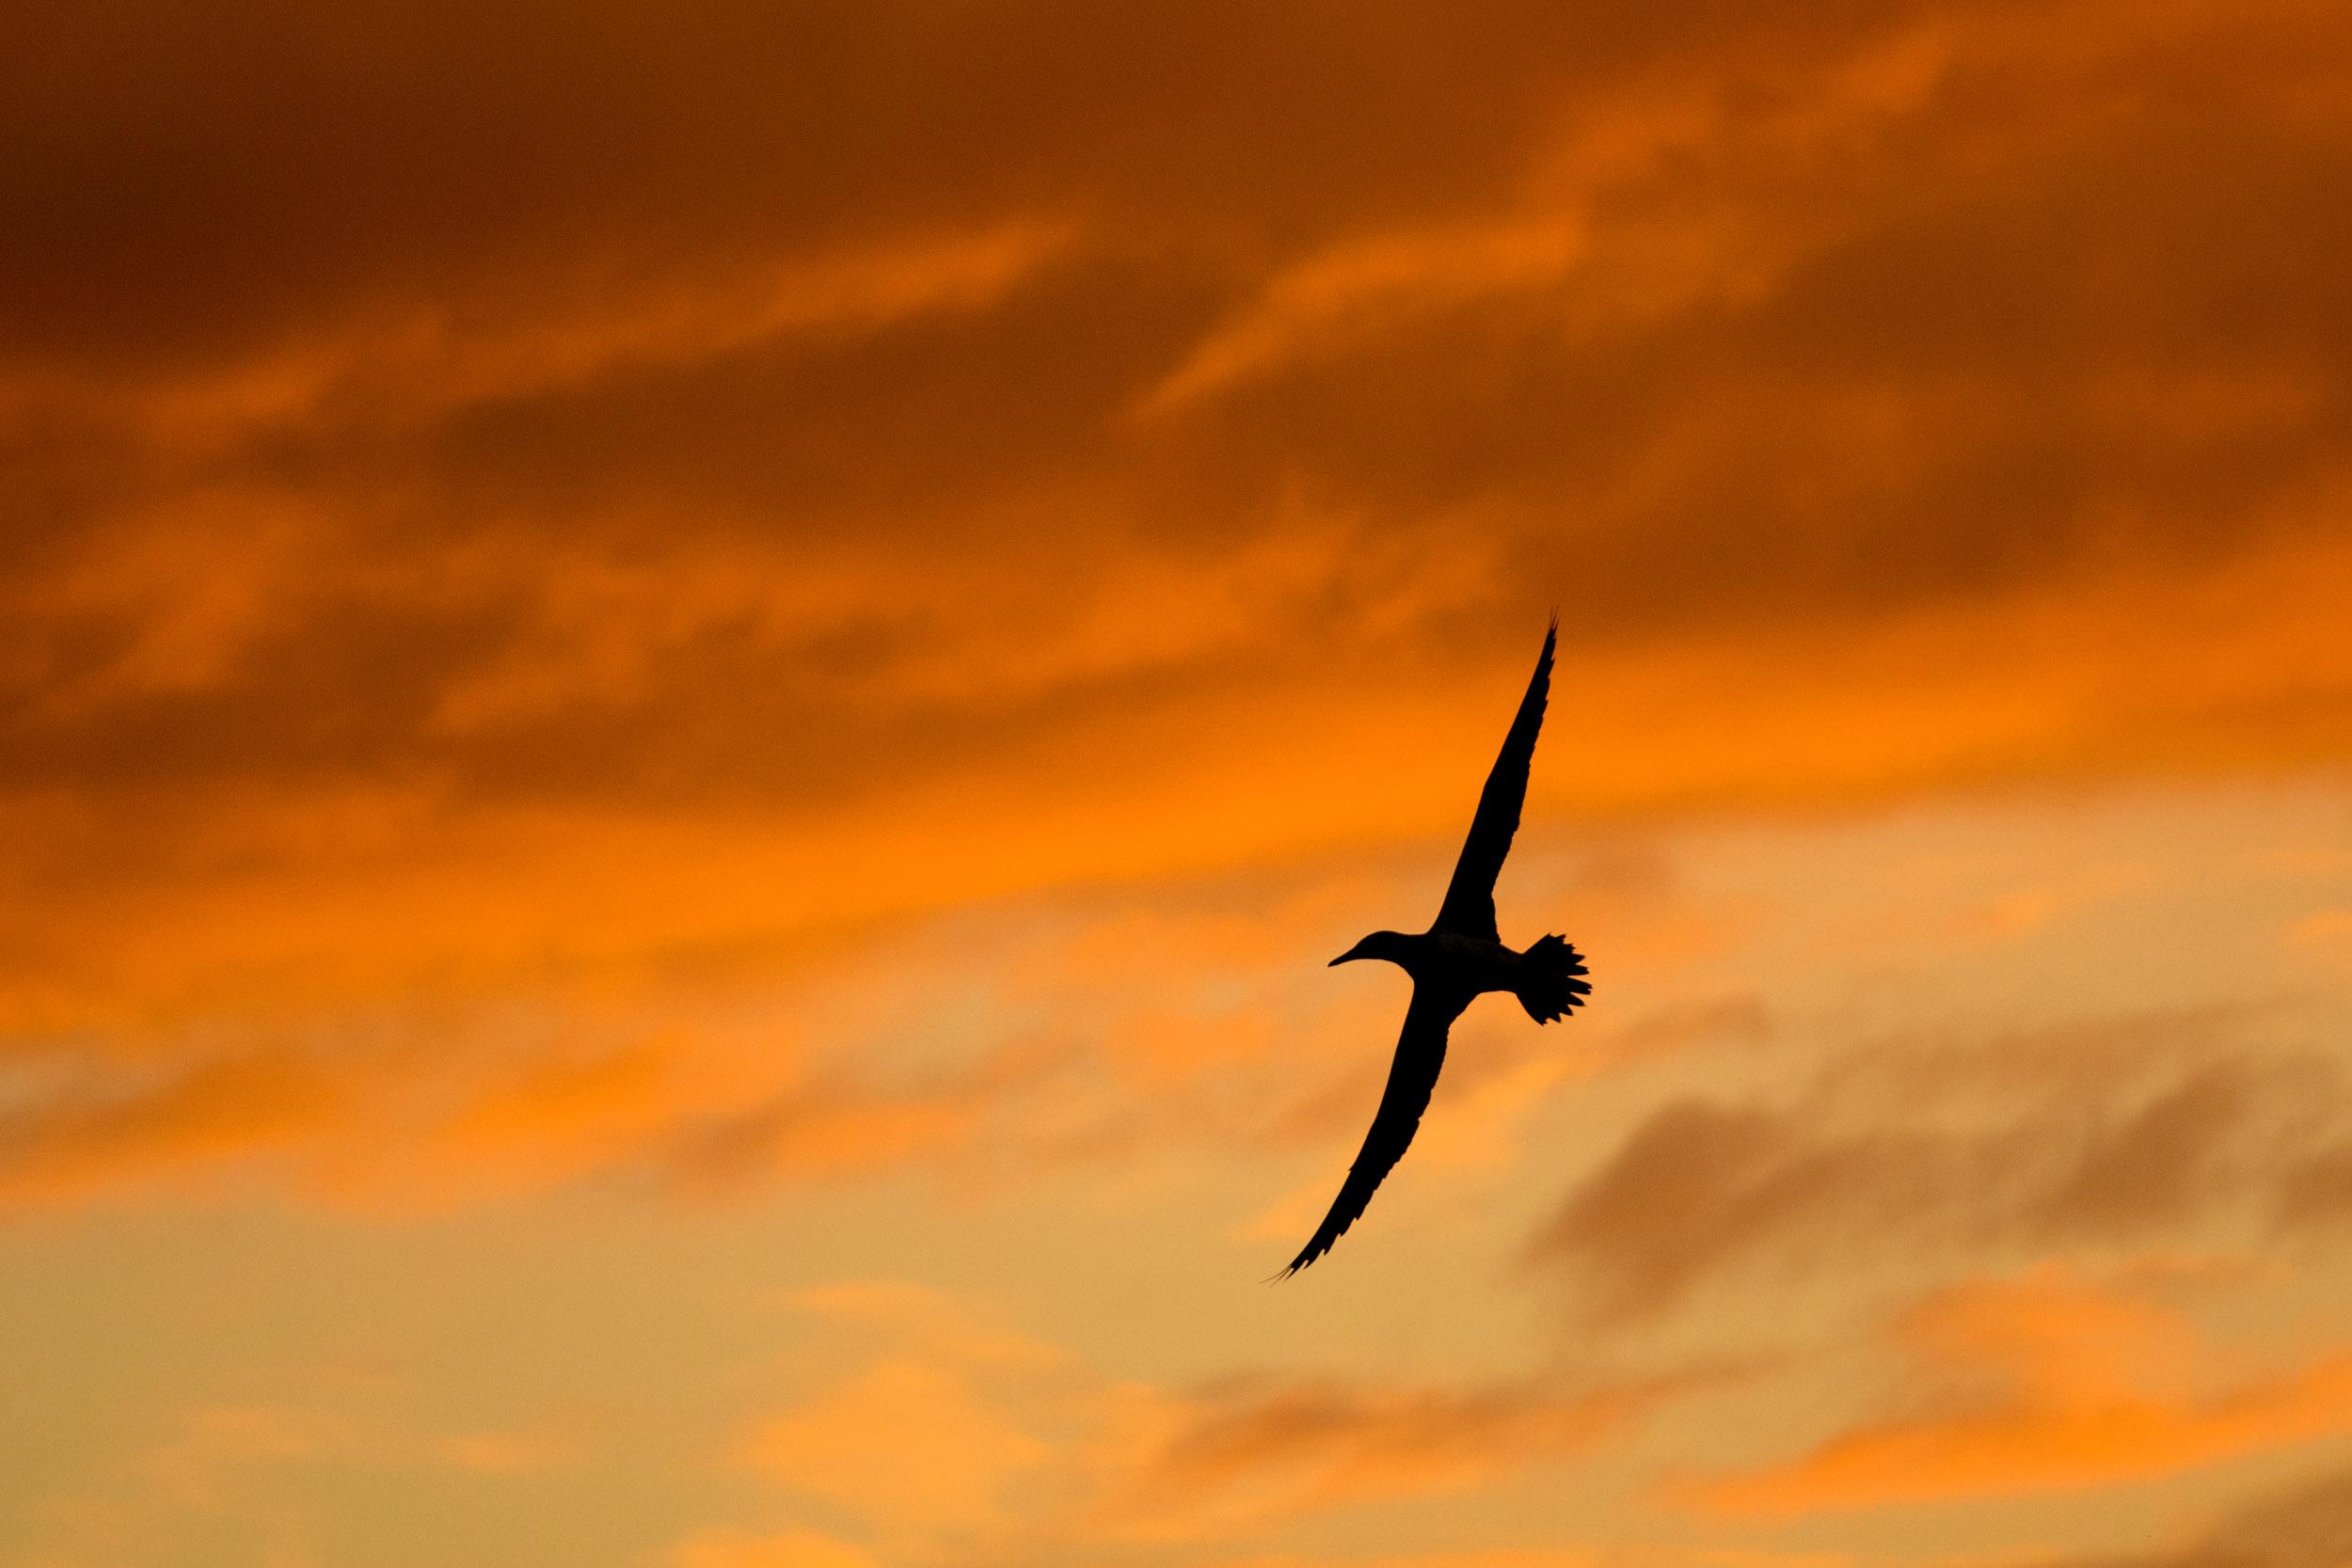 sunset-flying-high.jpg